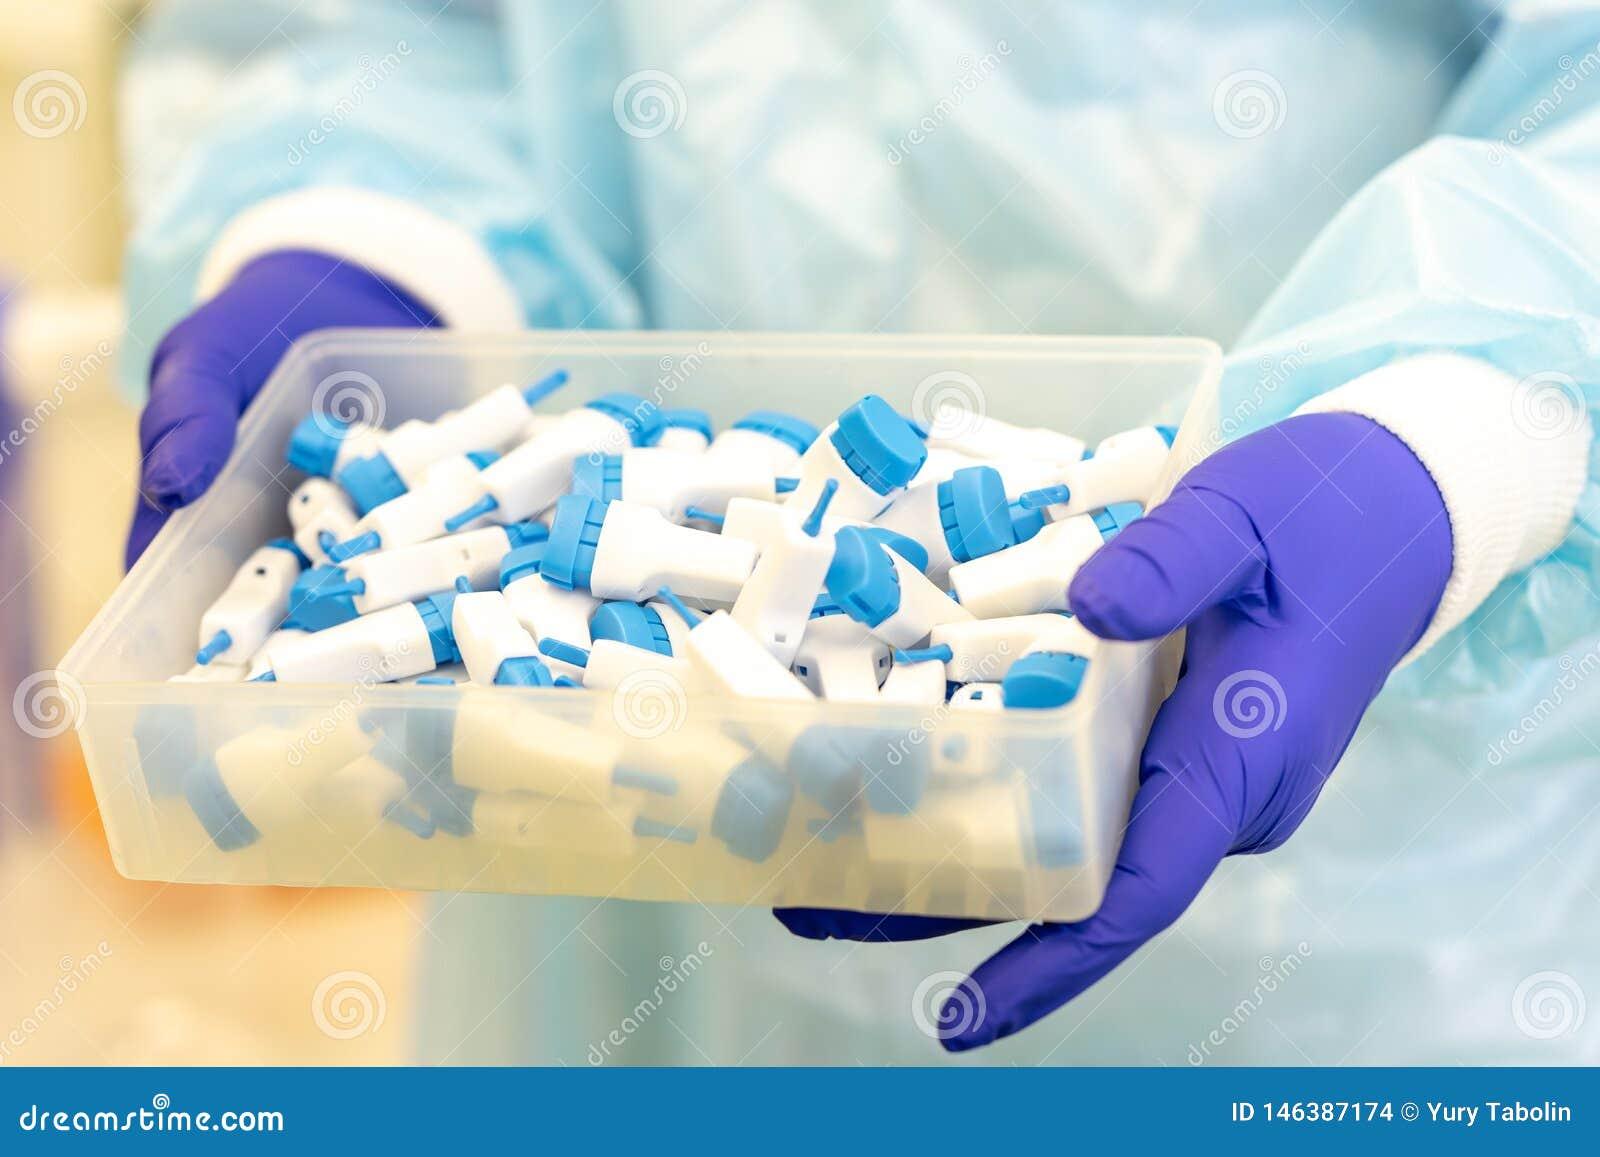 Escarificadores para el an?lisis de la sangre en las manos de un ayudante de laboratorio